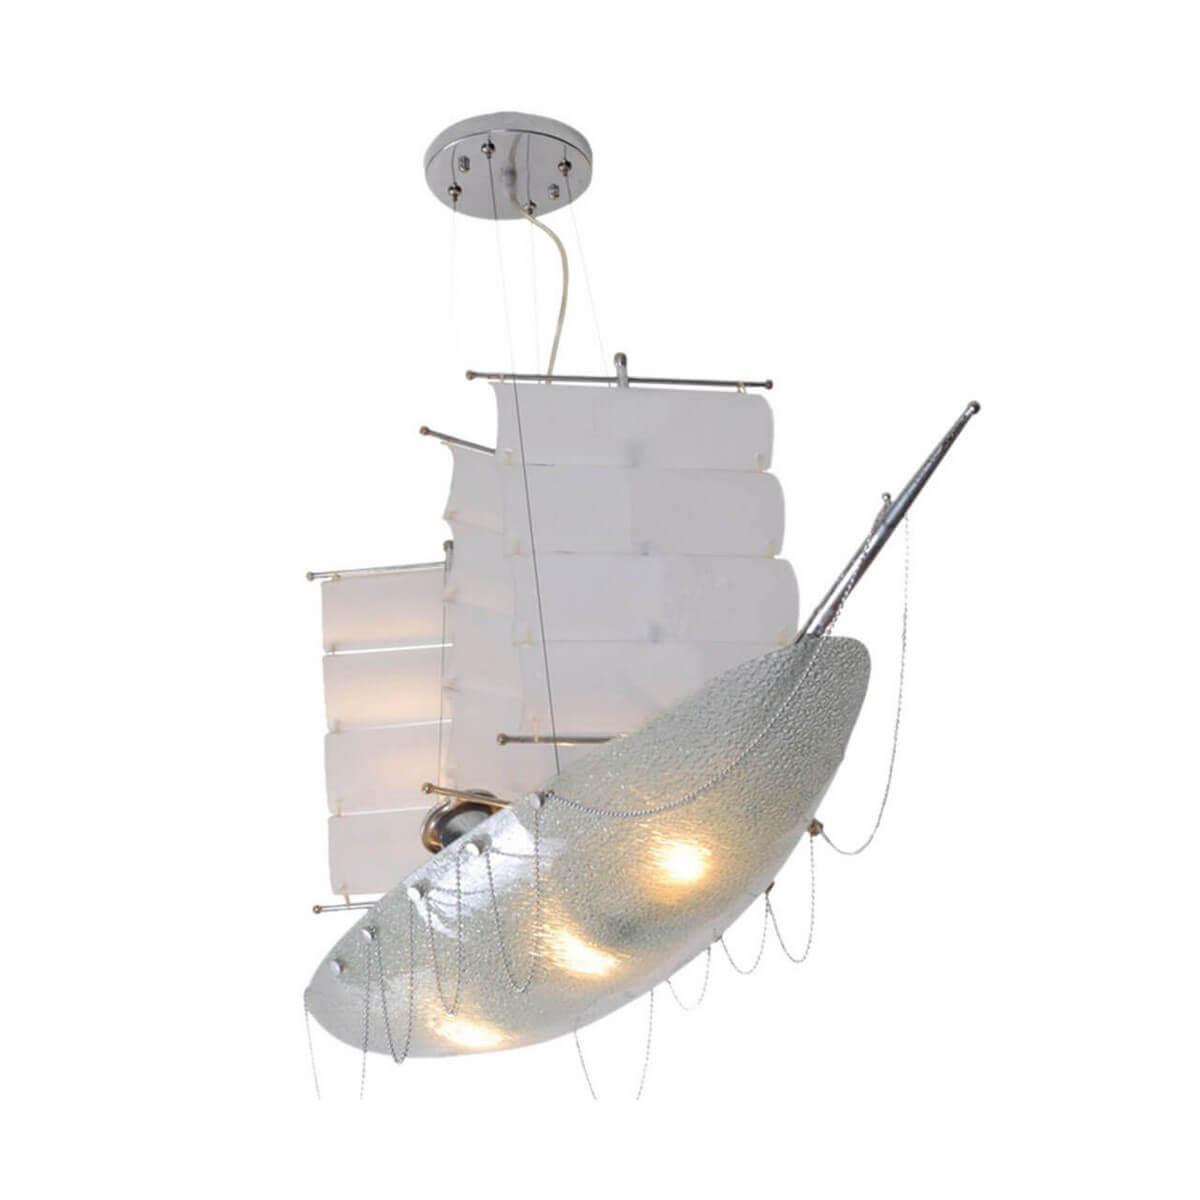 все цены на Подвесной светильник Kink Light 07421, E27, 40 Вт онлайн